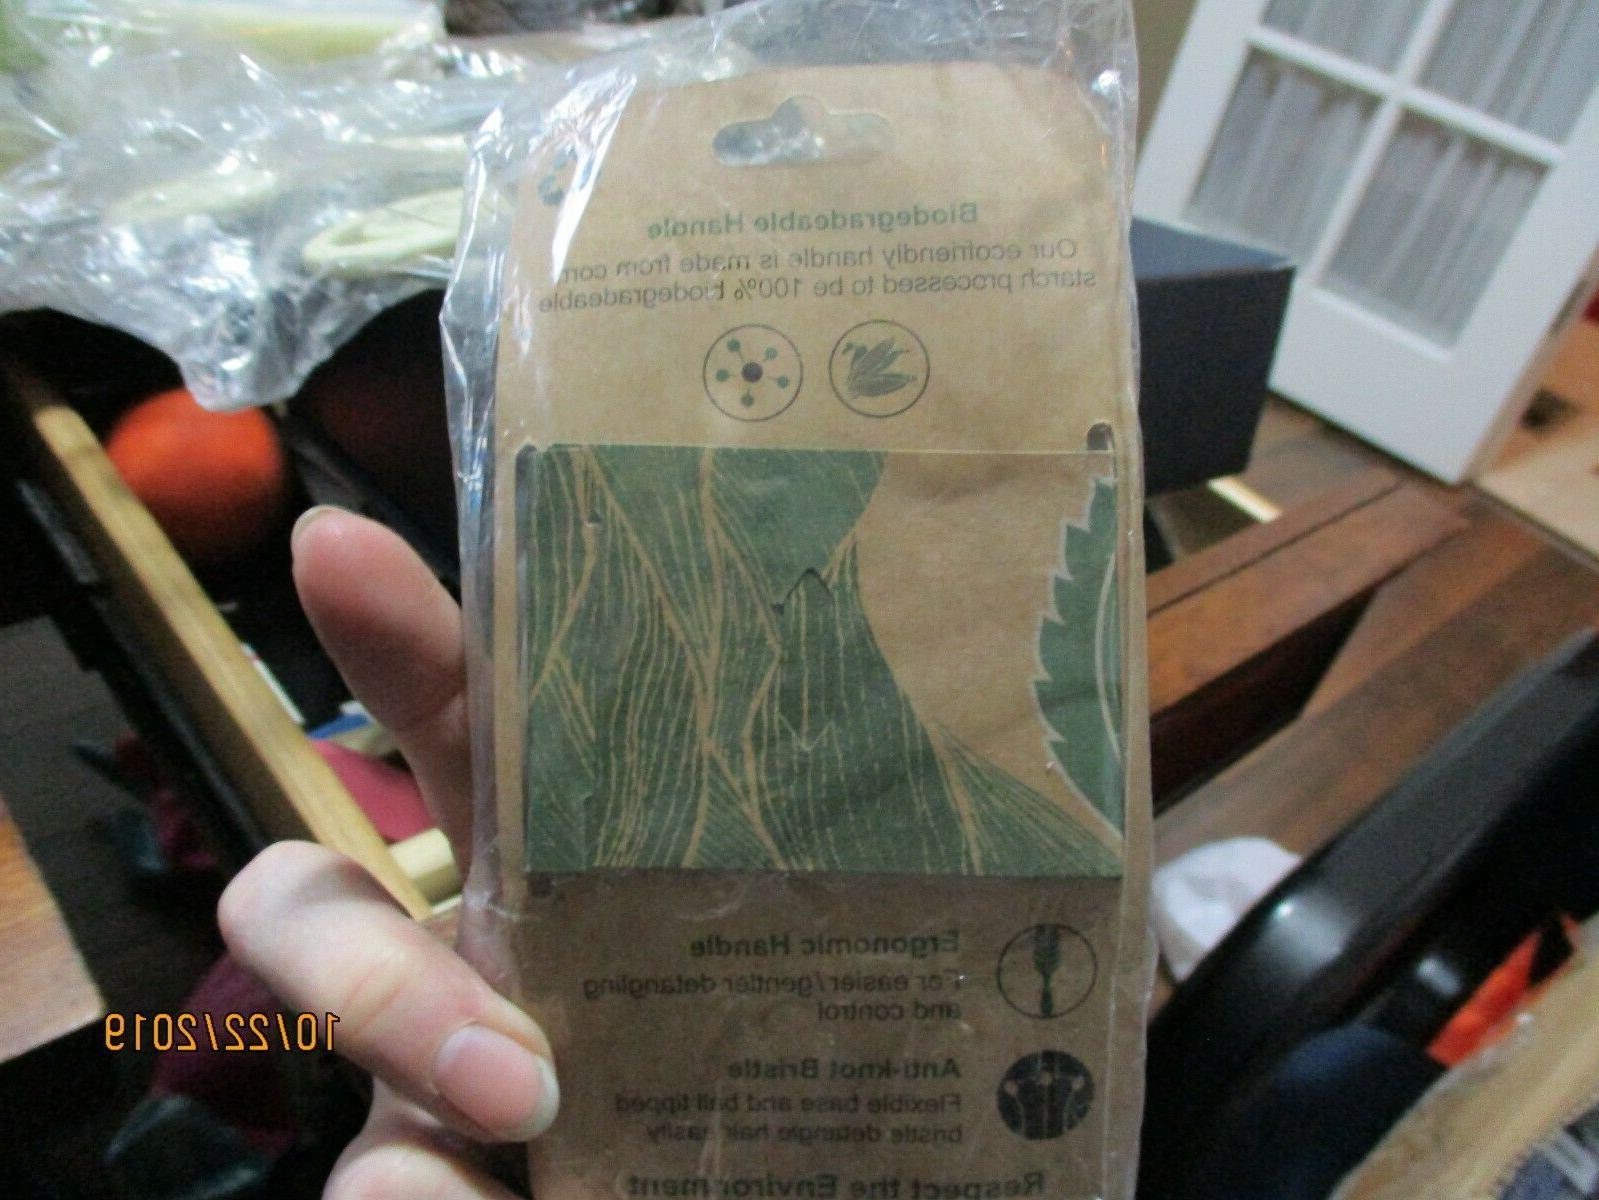 Phillips Ecofriendly Biodegradable brush tips NIP